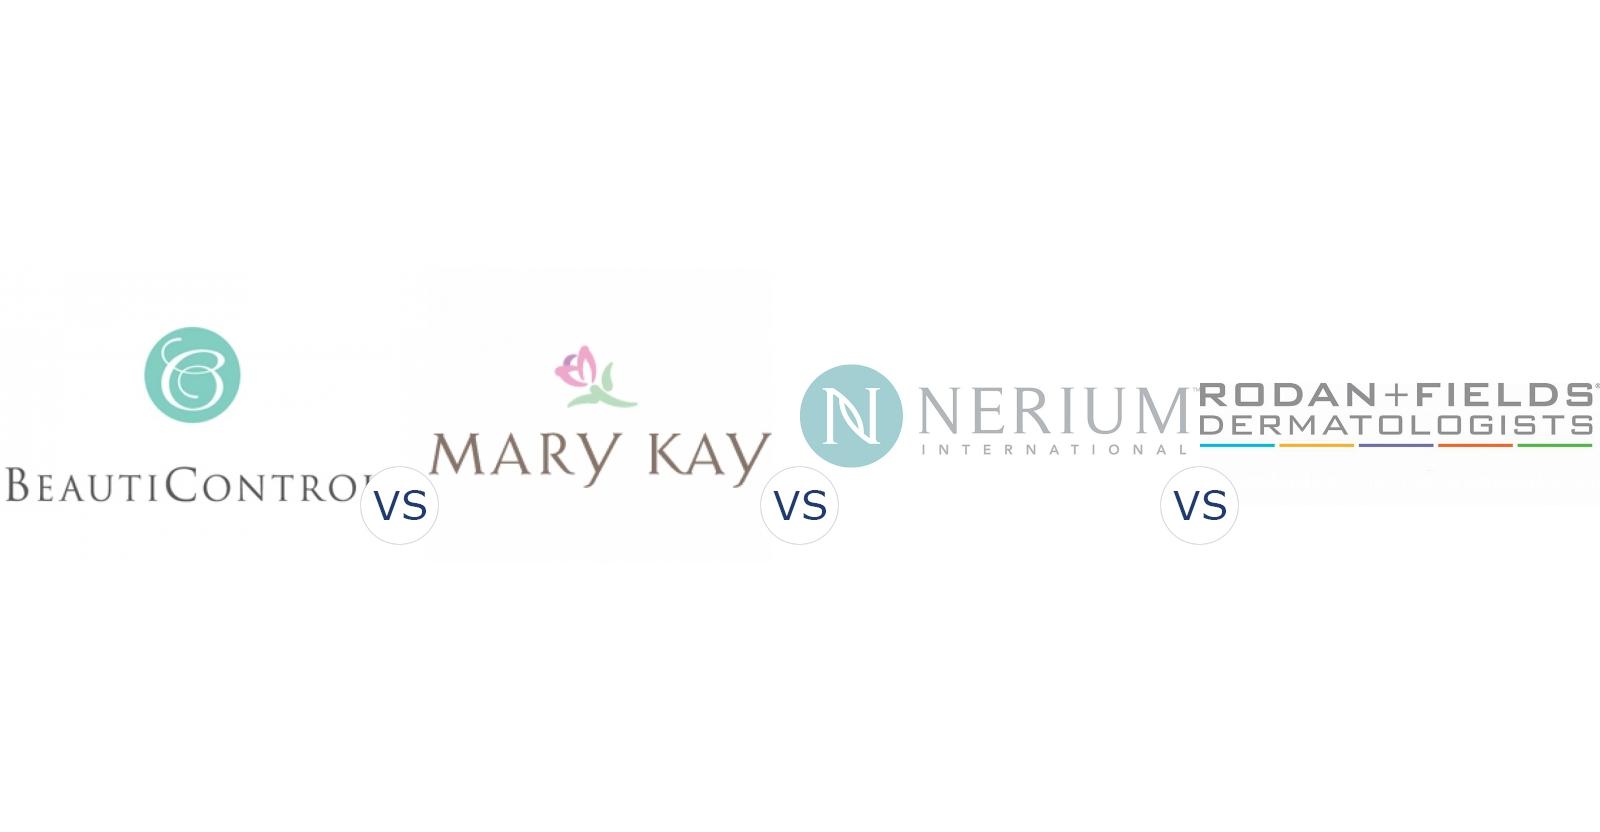 BeautiControl vs. Mary Kay vs. Nerium International vs. Rodan and Fields